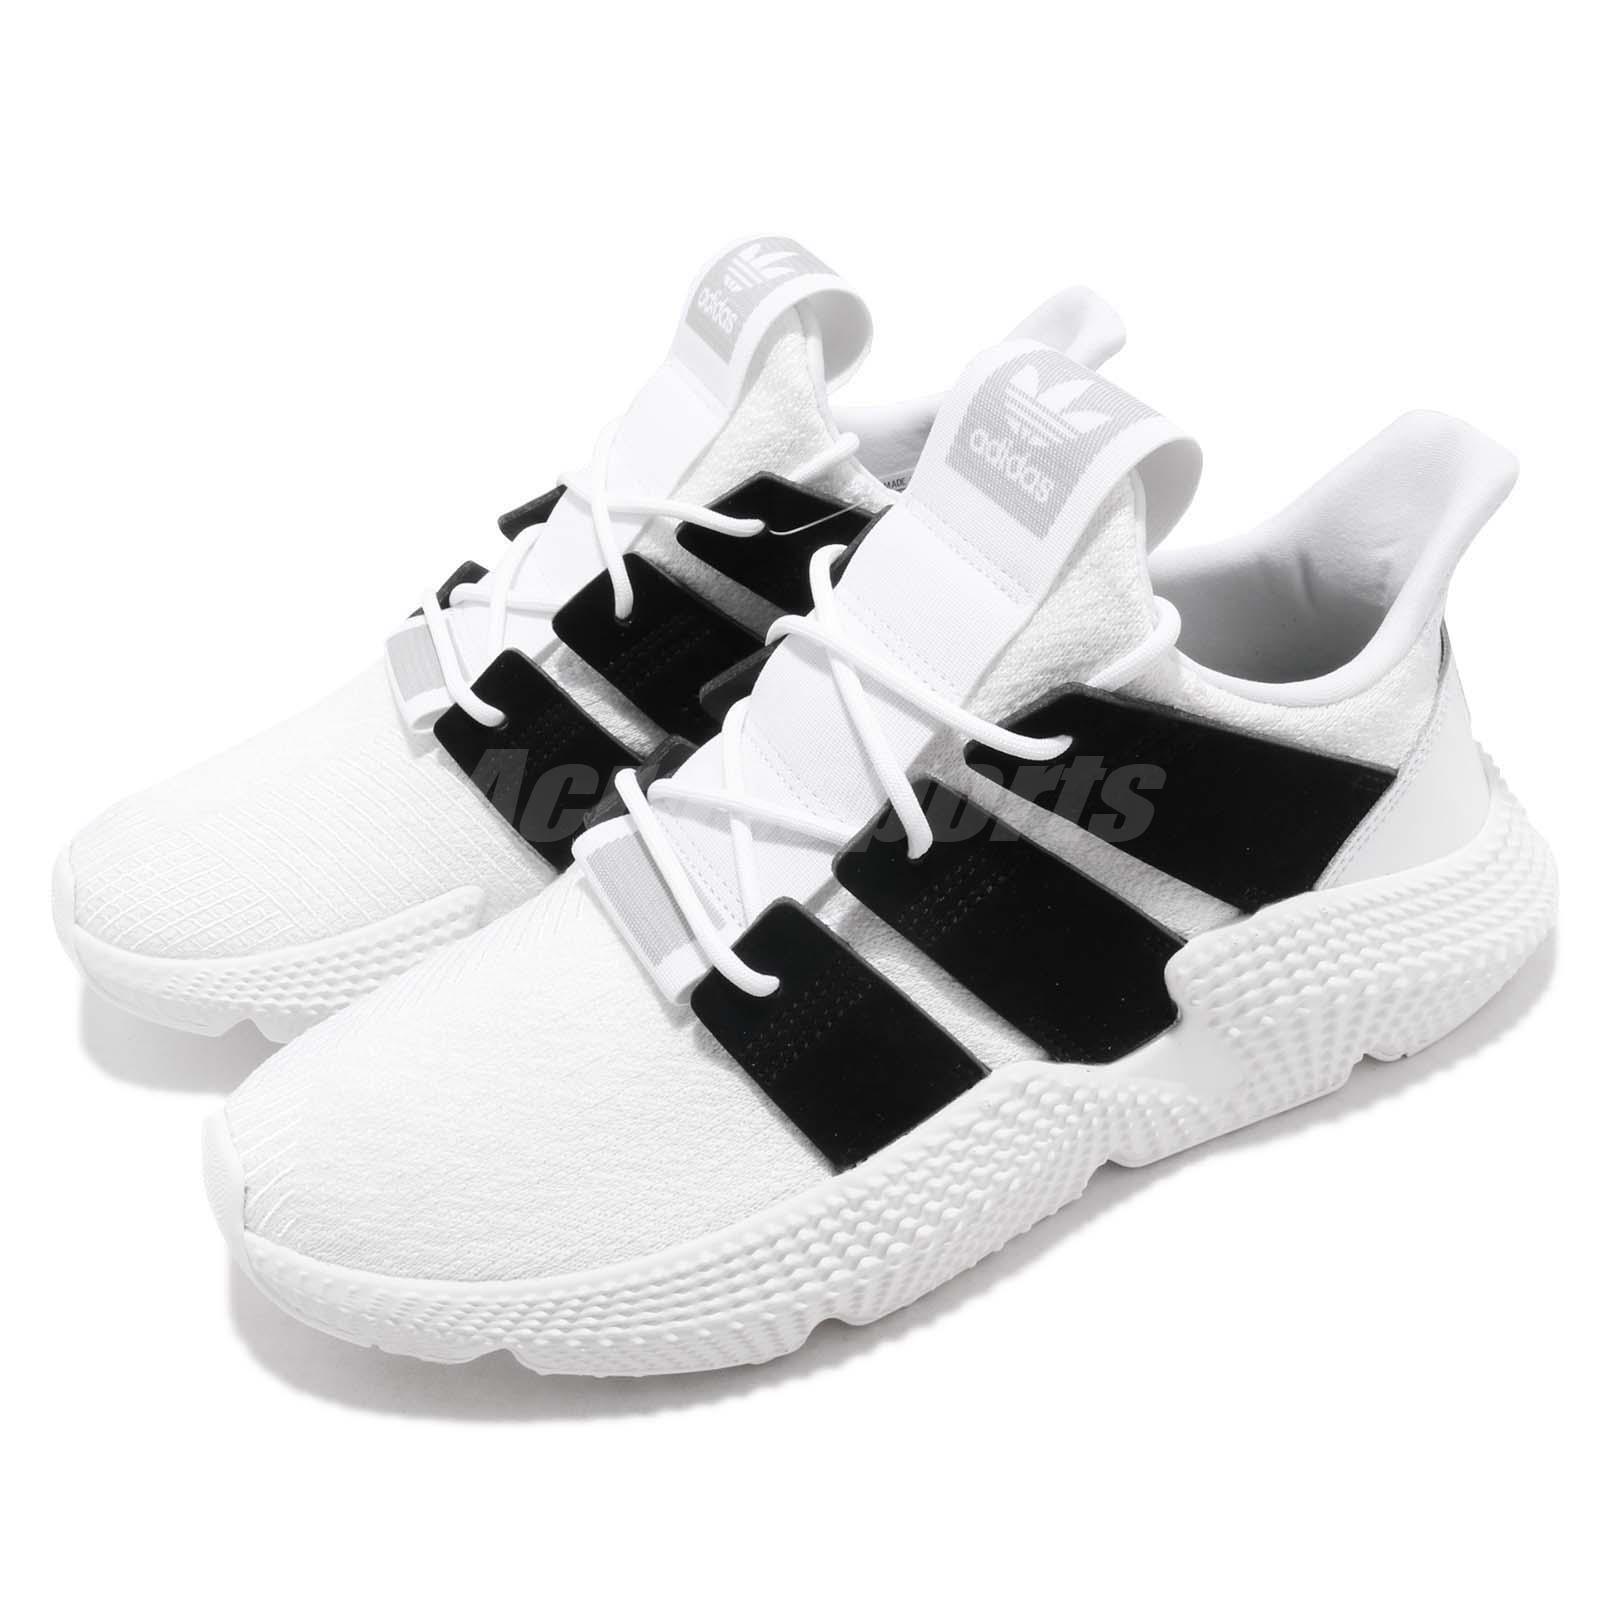 Adidas originals prophere weiße schwarze turnschuhe d96727 casual schuhen laufen